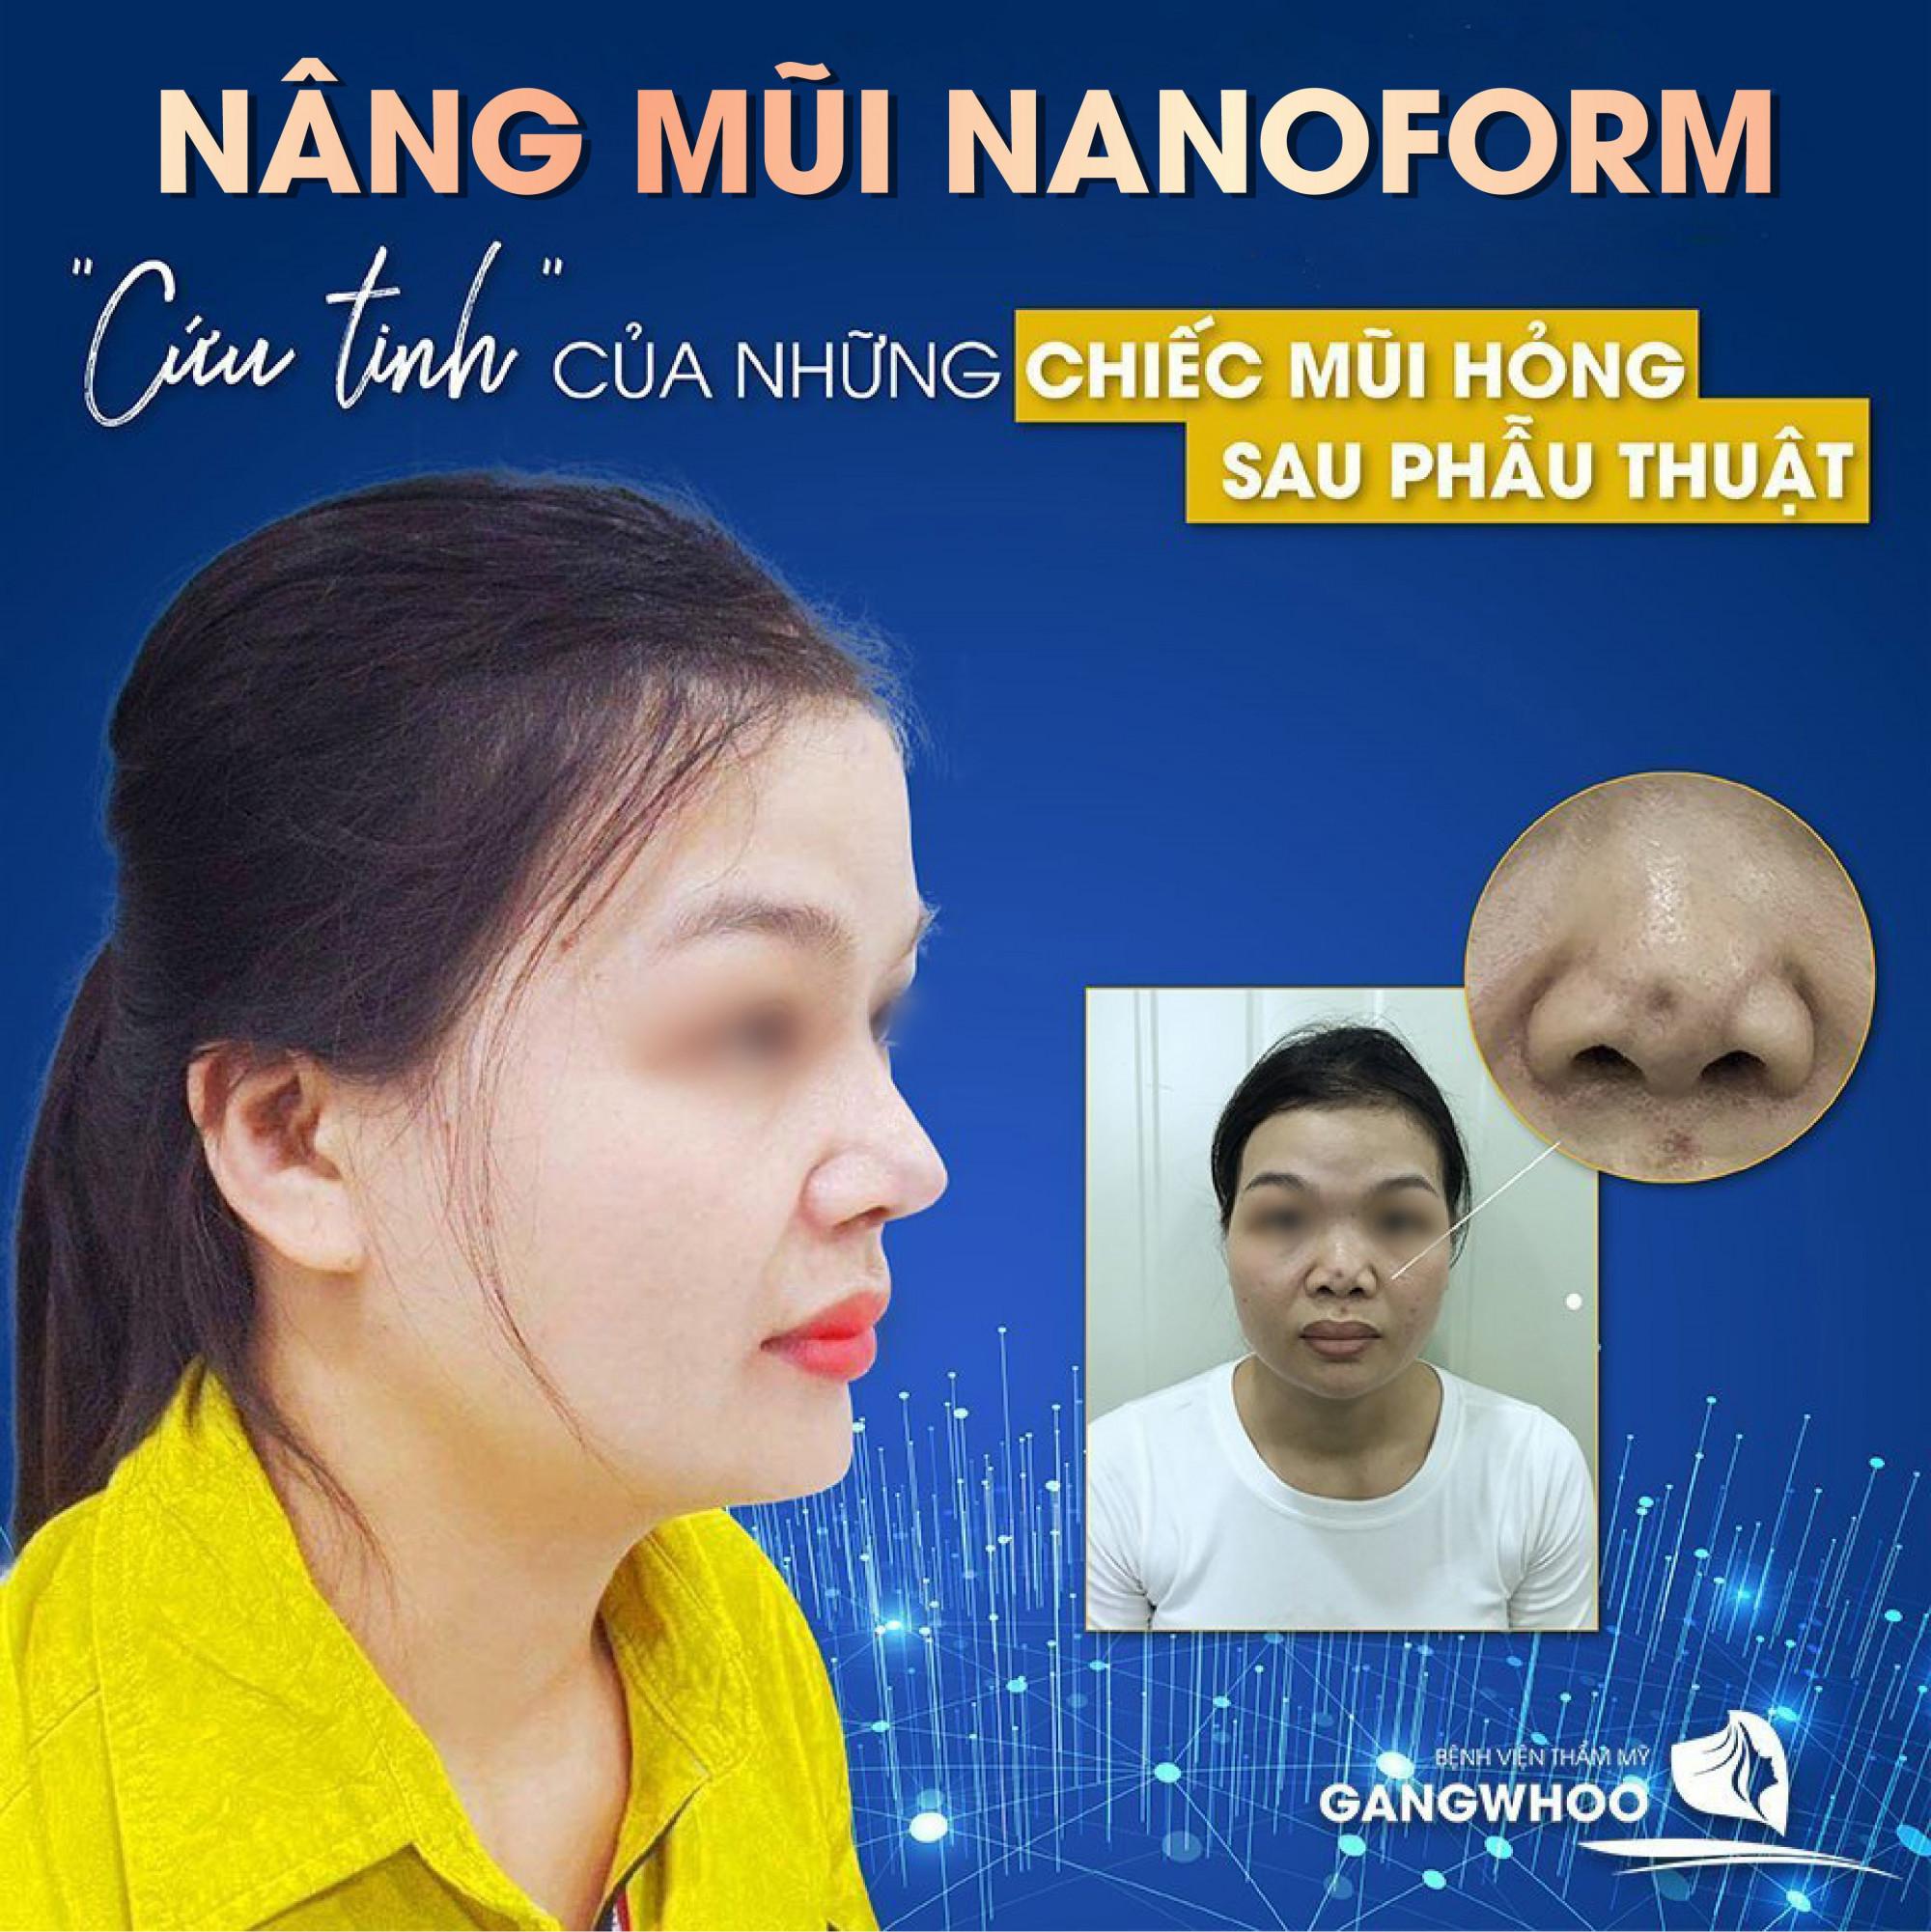 Kỹ thuật nâng mũi Nanoform là sự kết hợp hoàn hảo giữa sụn nano - sụn tự thân và phẫu thuật nội soi - Ảnh: Gangwhoo